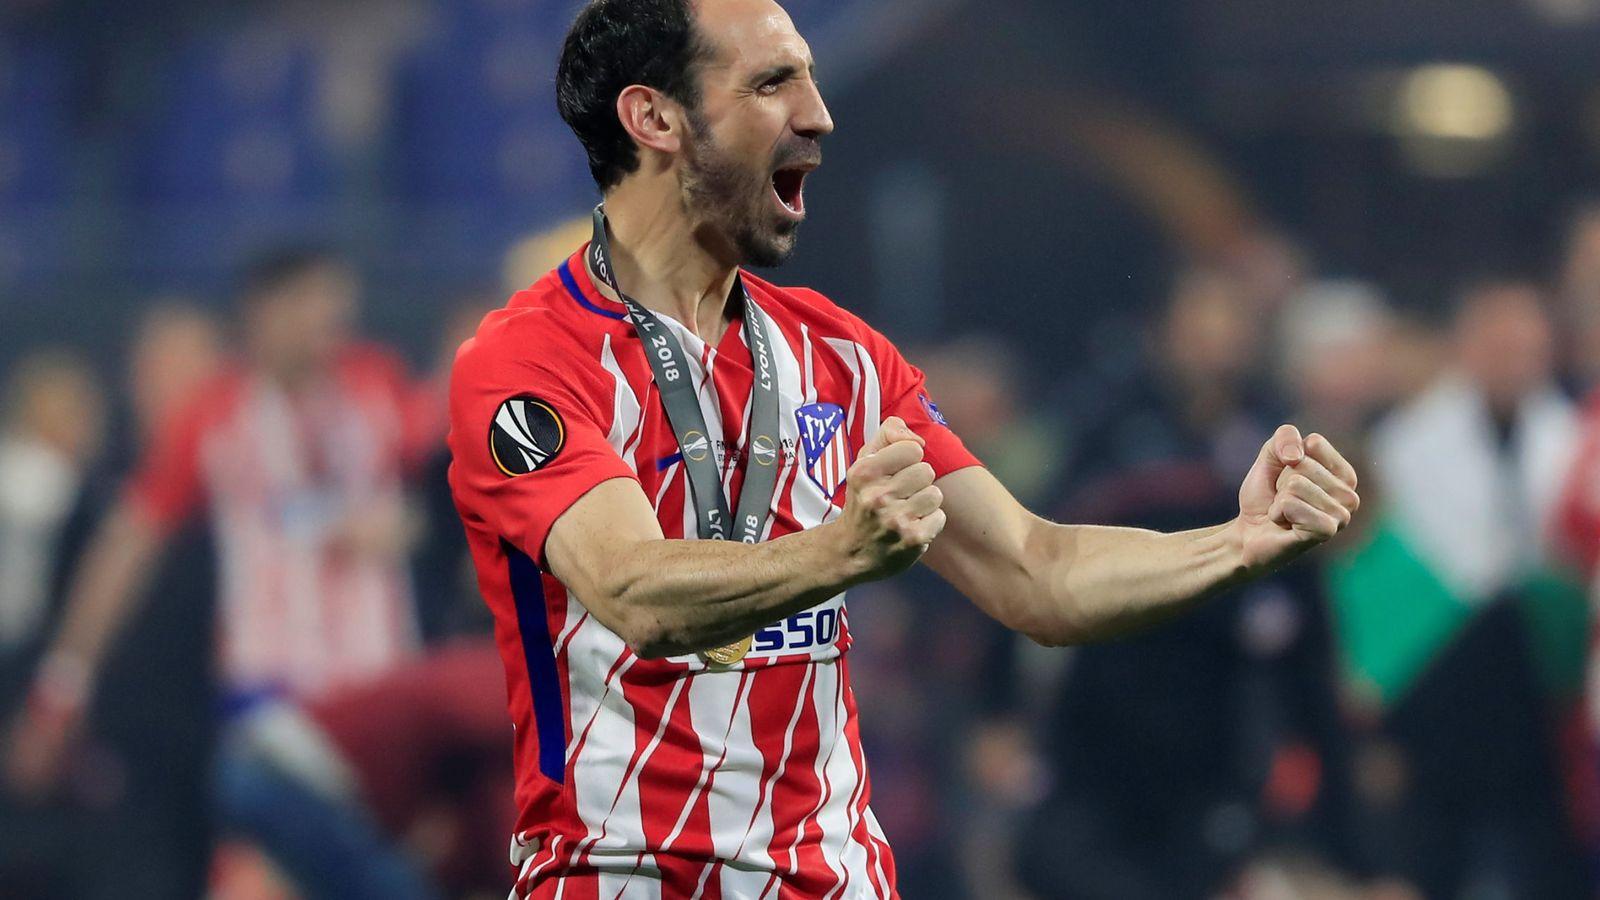 Foto: Juanfran celebra la Europa League tras la victoria del Atlético de Madrid contra el Olympique de Marsella. (Reuters)